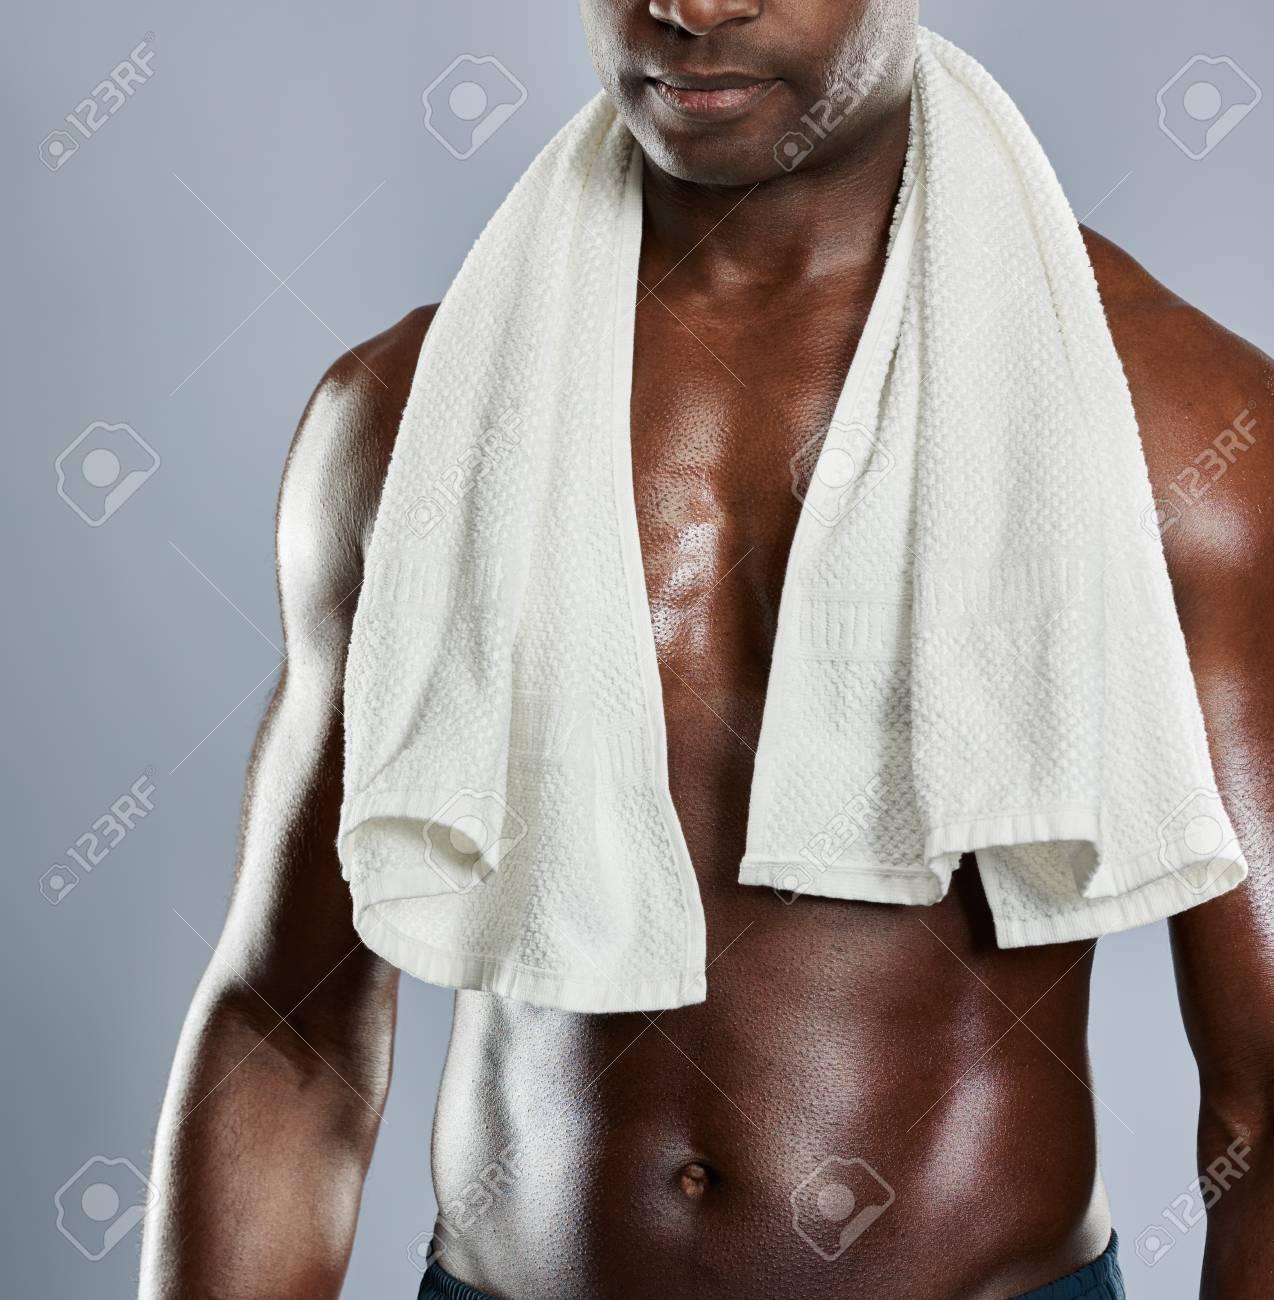 Nicht Identifizierbare Muskulöse Brust Des Schwarzen Mann Mit ...